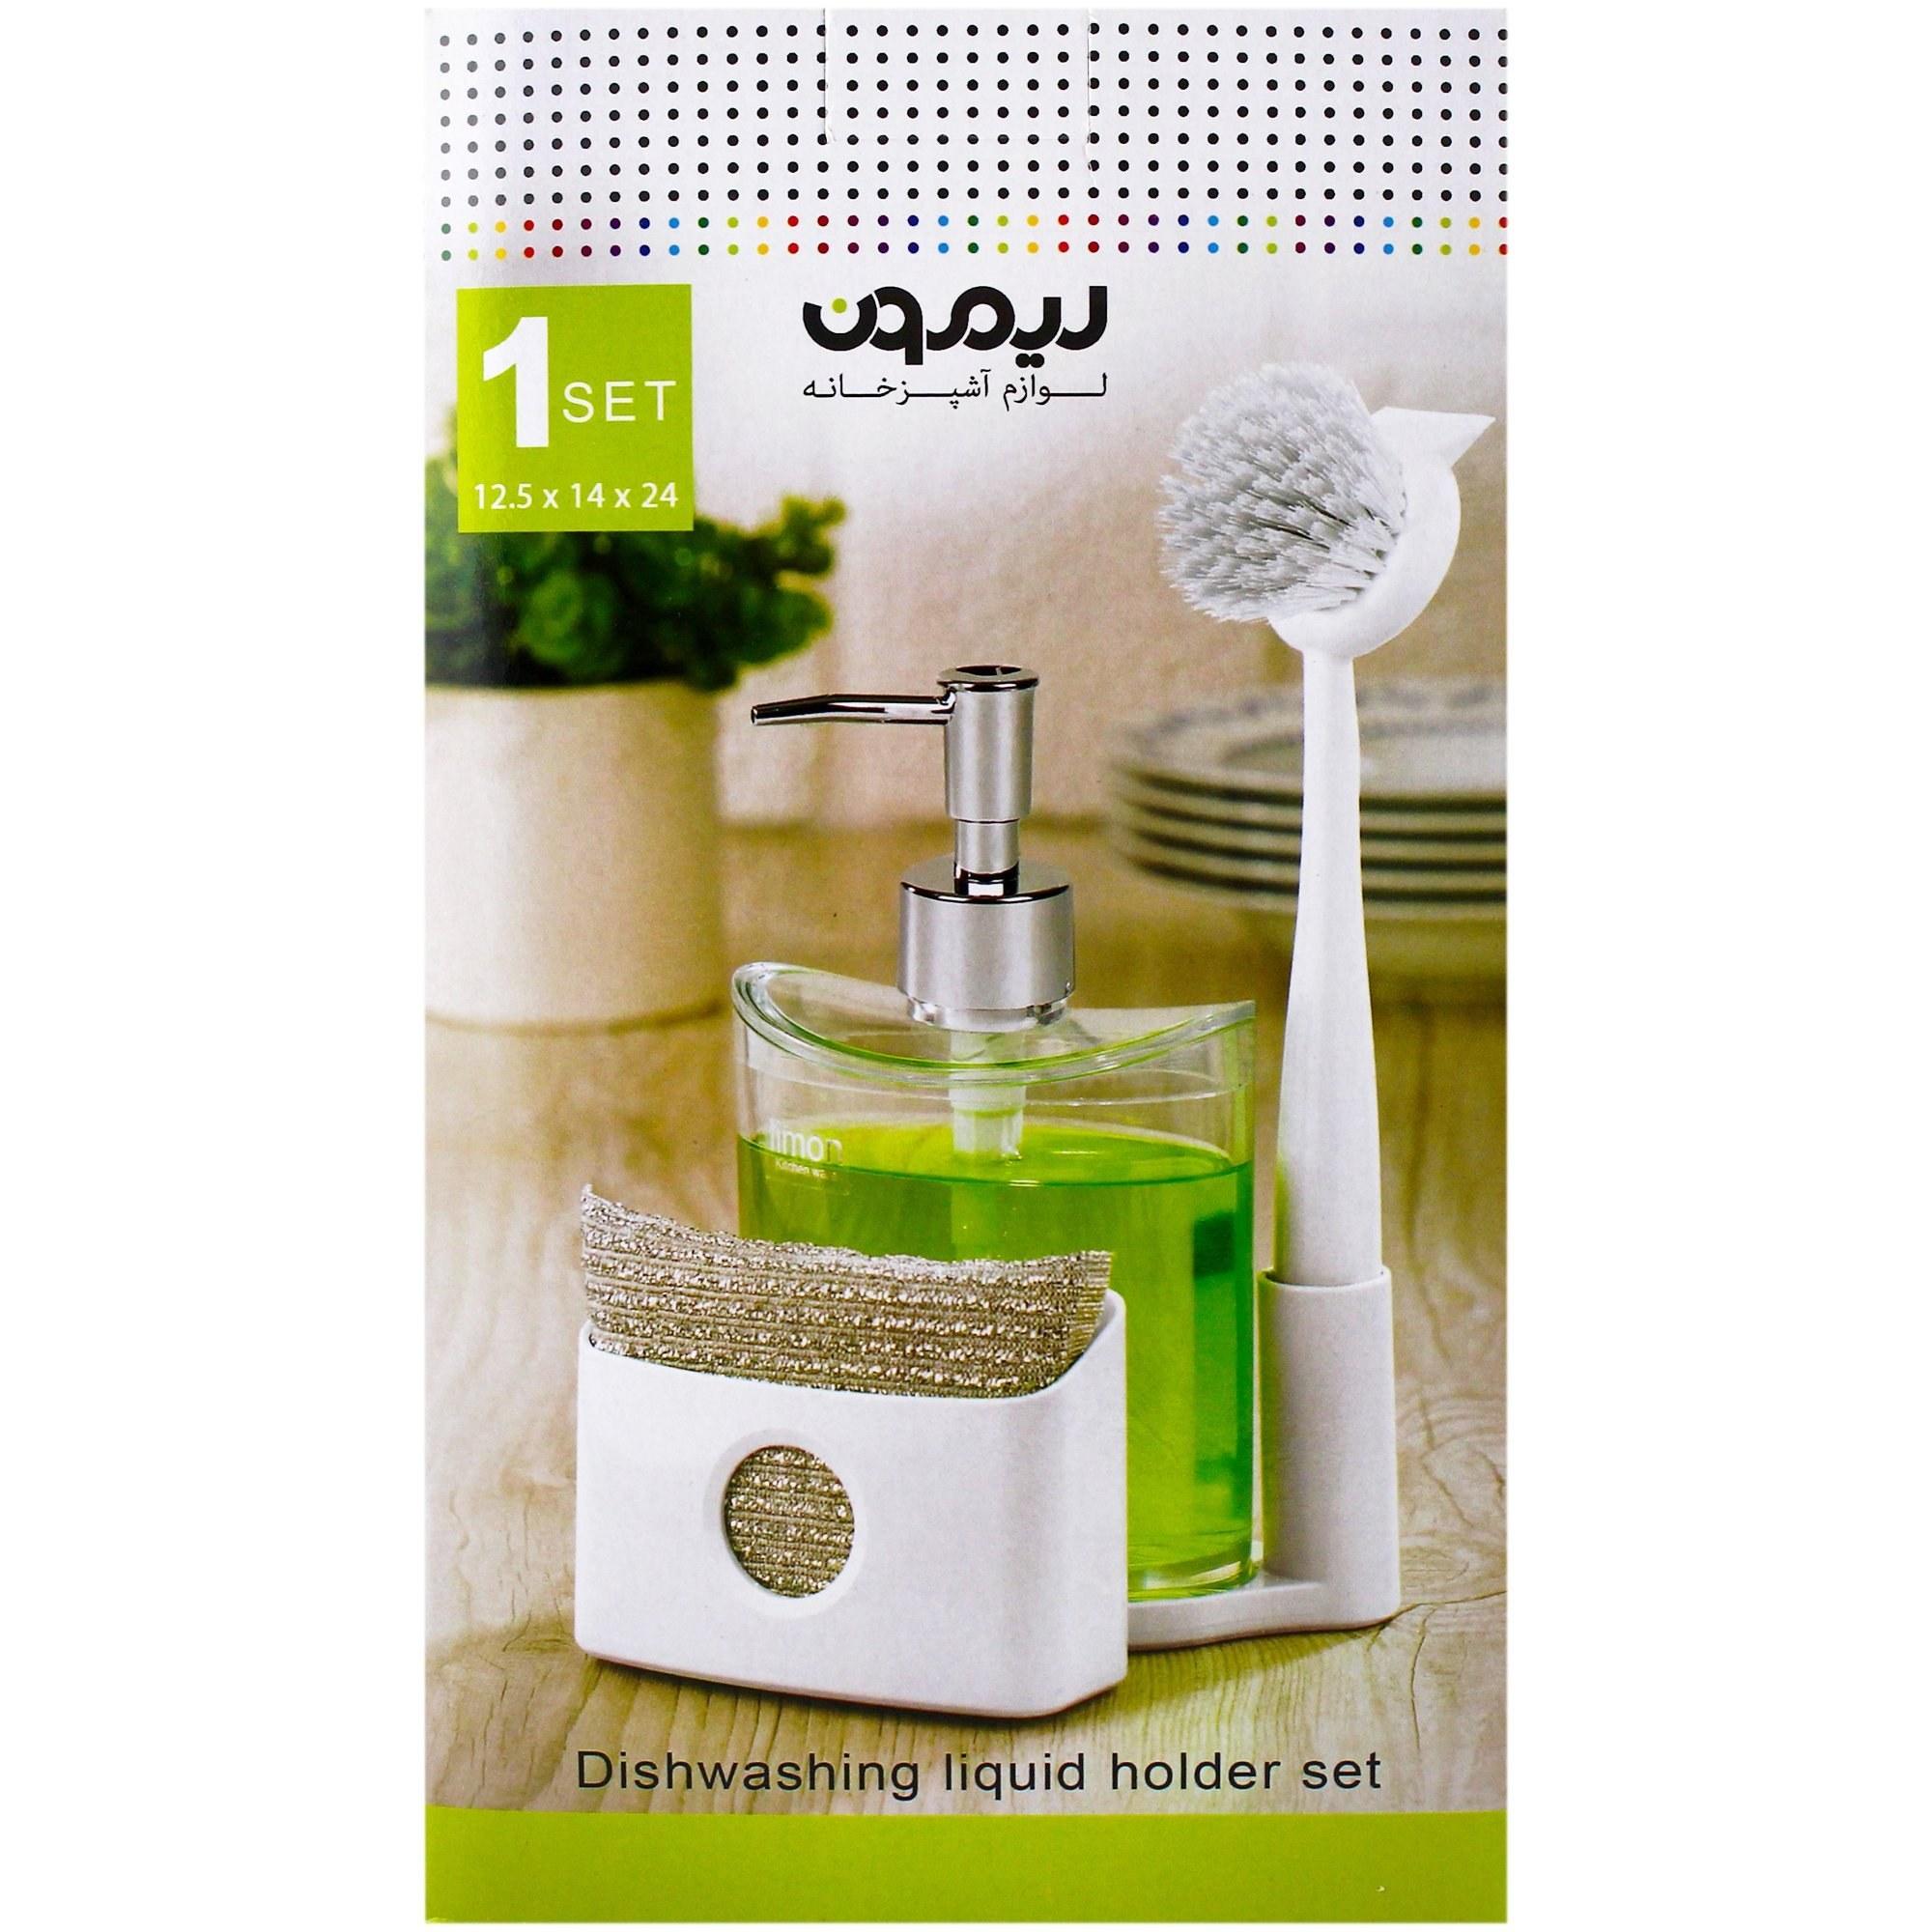 تصویر جای مایع ظرفشویی، اسکاچ و برس الوان سفید لیمون  ا - -